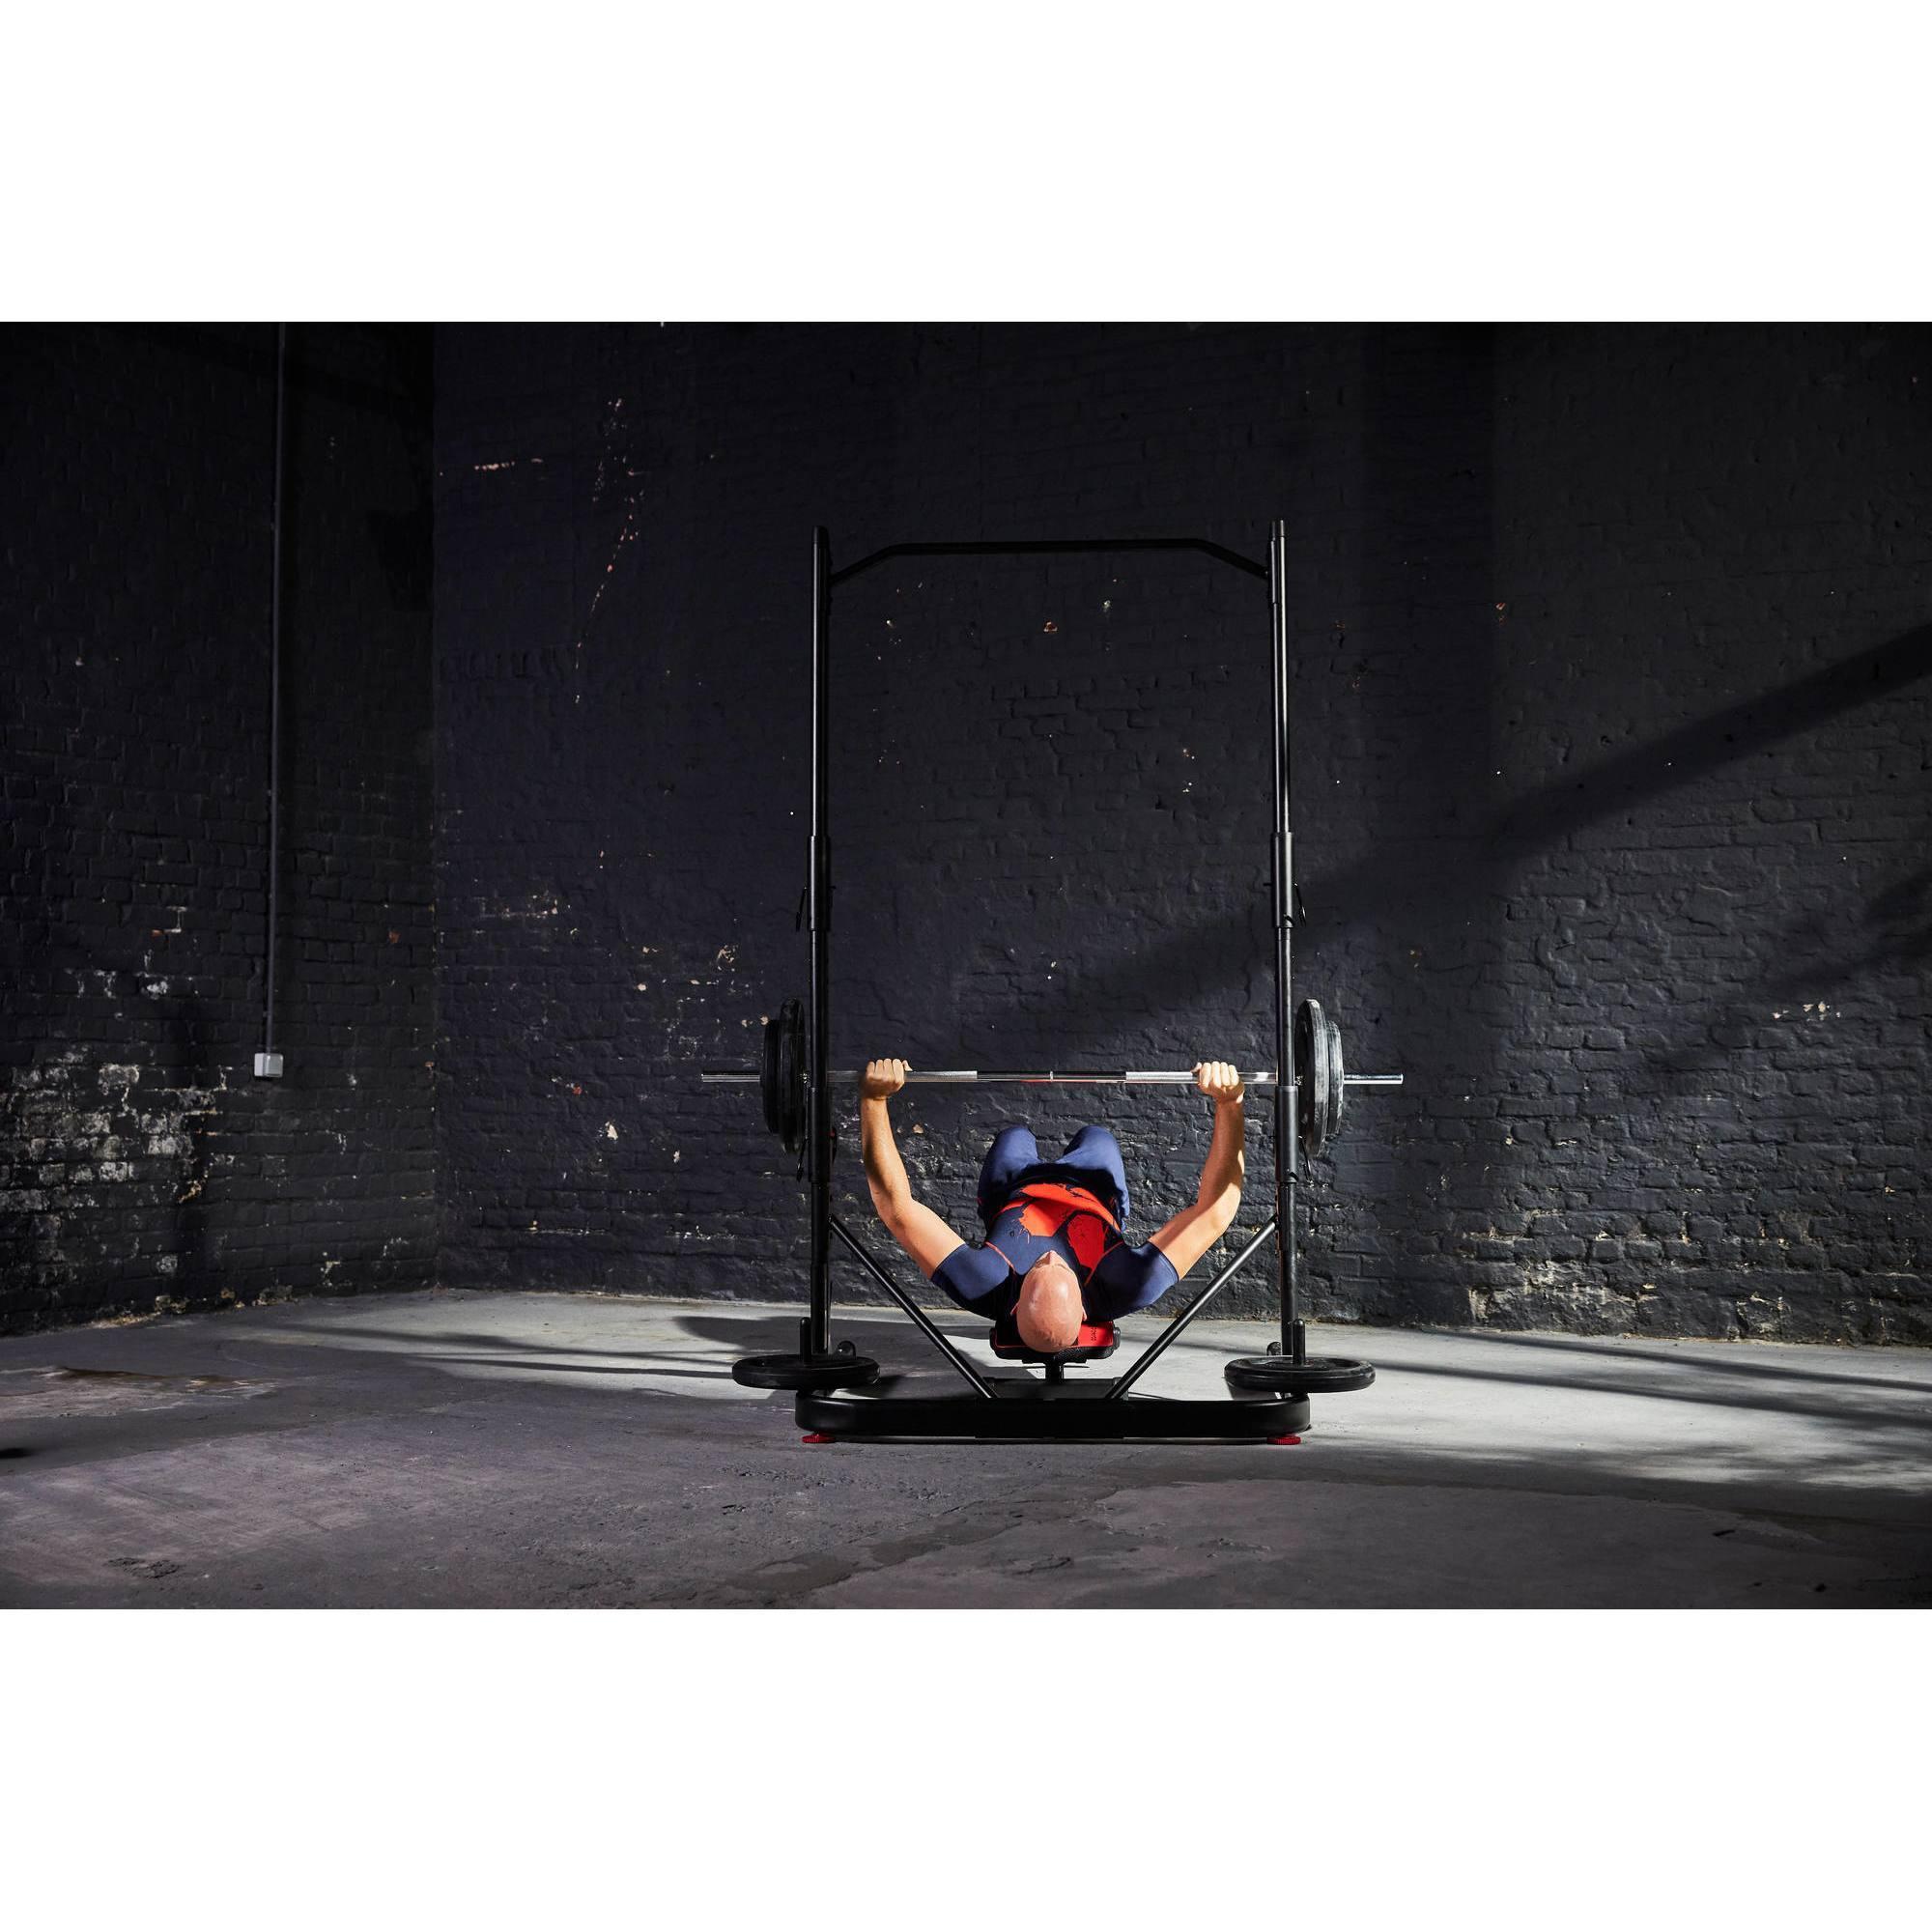 Rack Musculation 500 Clubs Collectivit S Decathlon Pro # Recherche Vestiaire A Transforme En Rack Sono